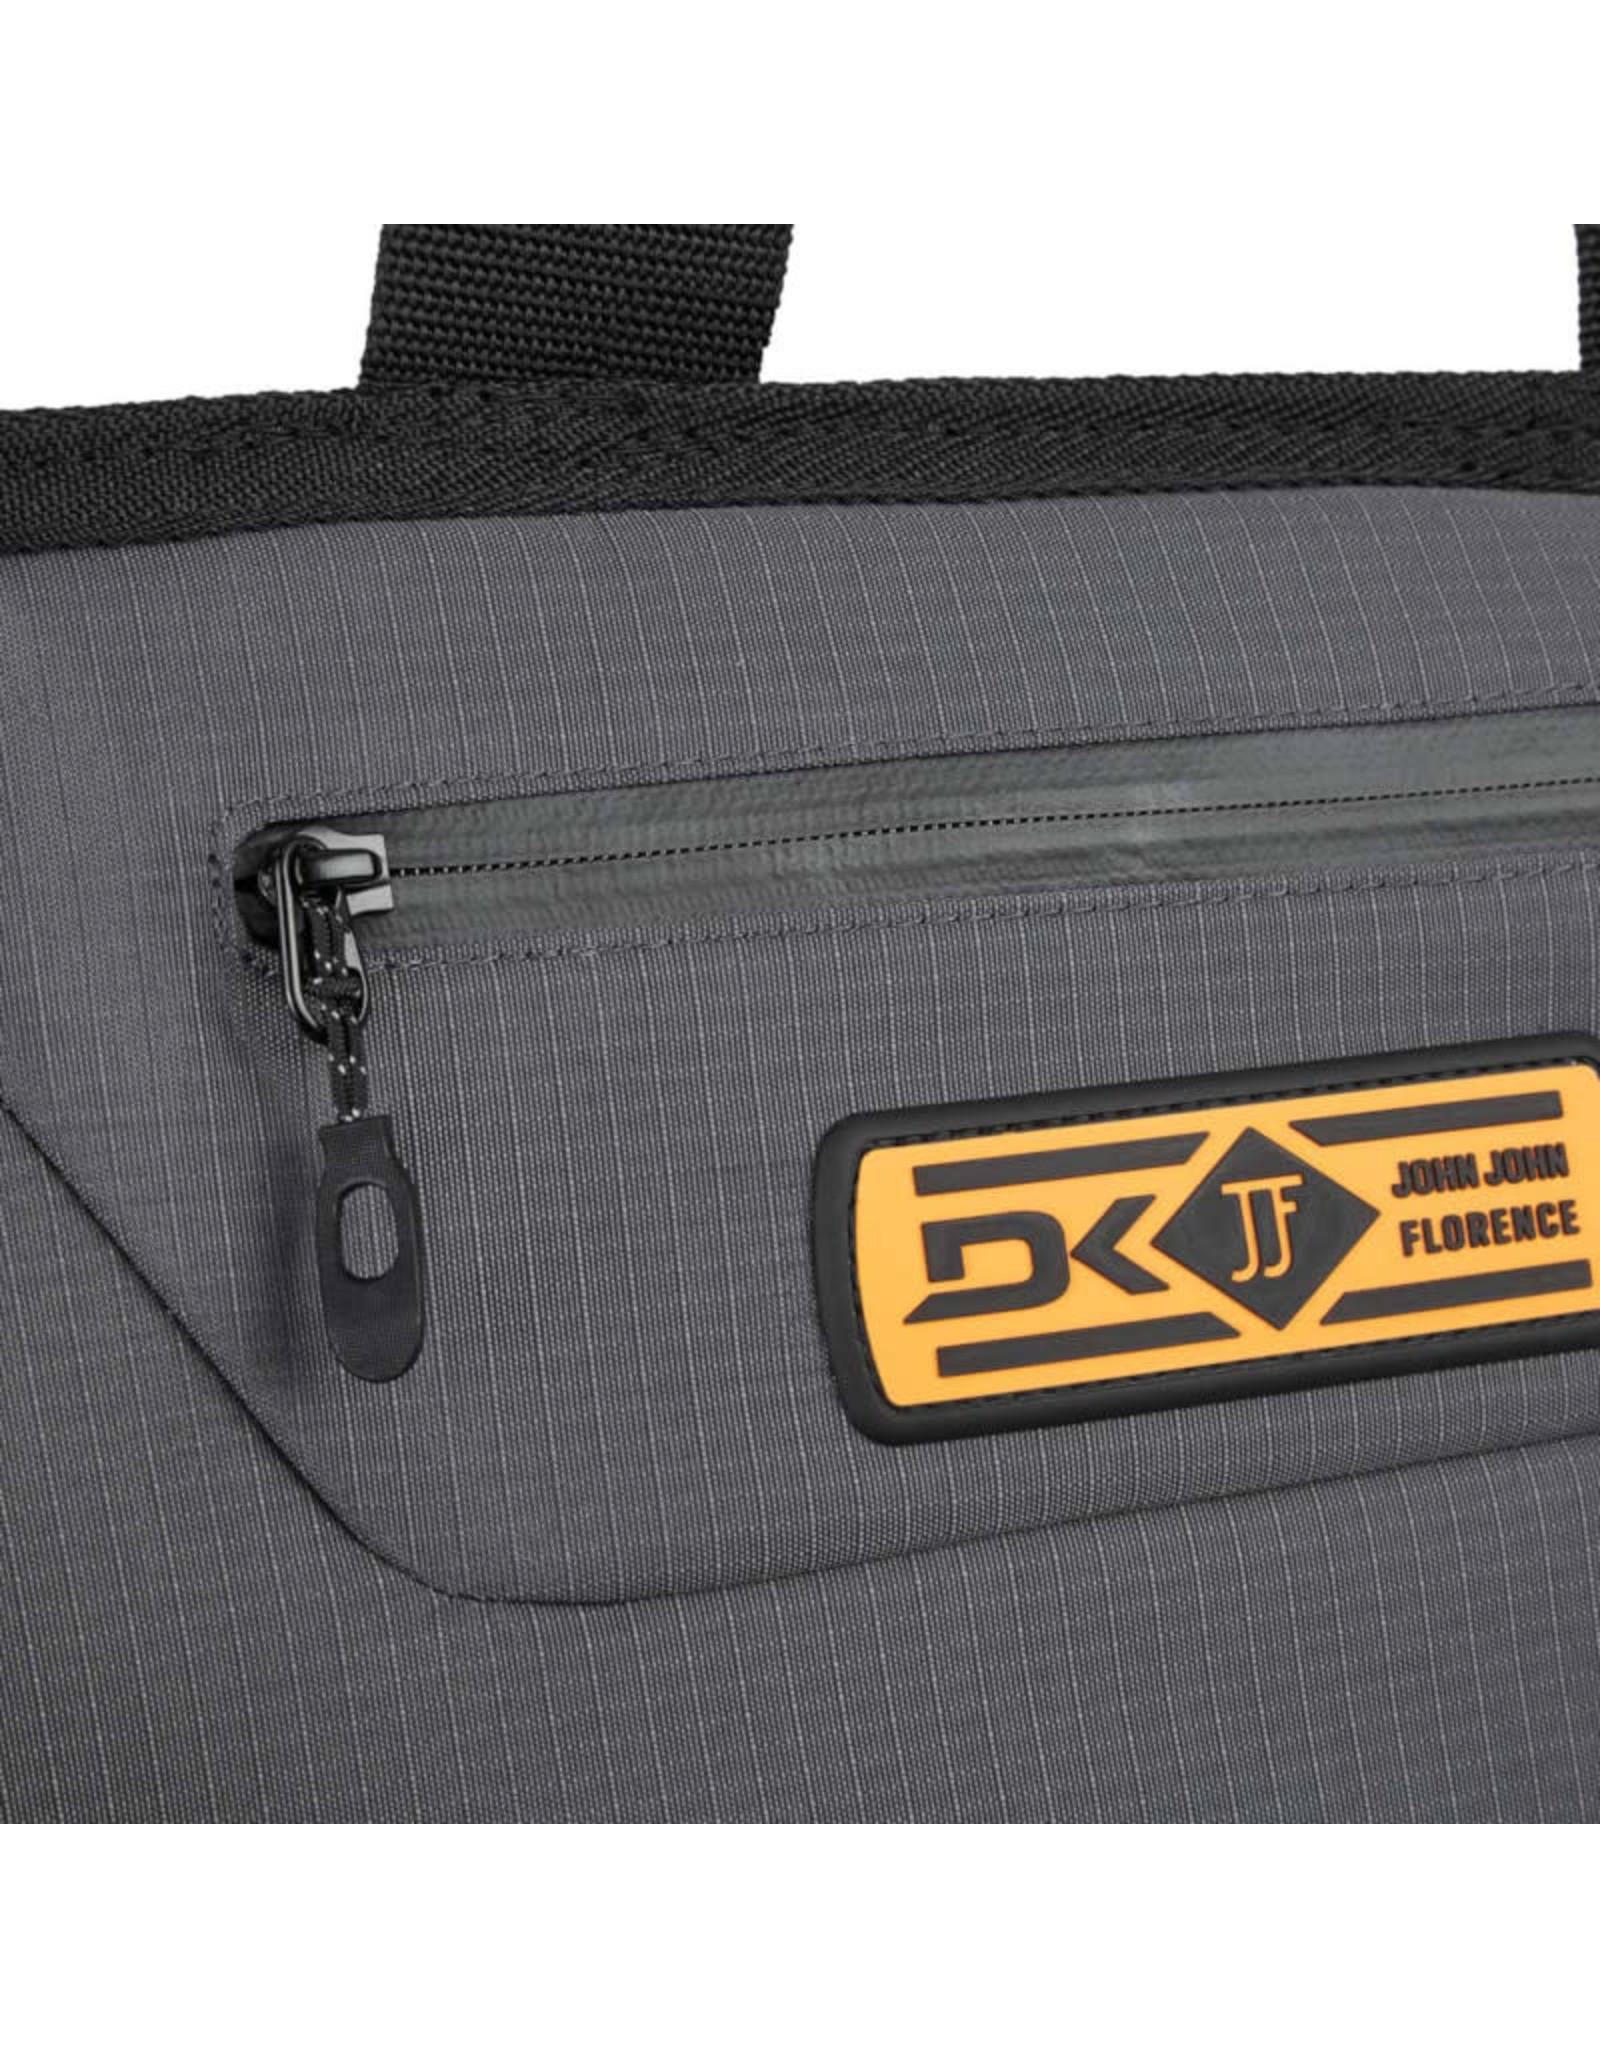 Dakine Dakine 6'3'' John John Florence Mission Surfboard Bag Surf Boardbag Carbon